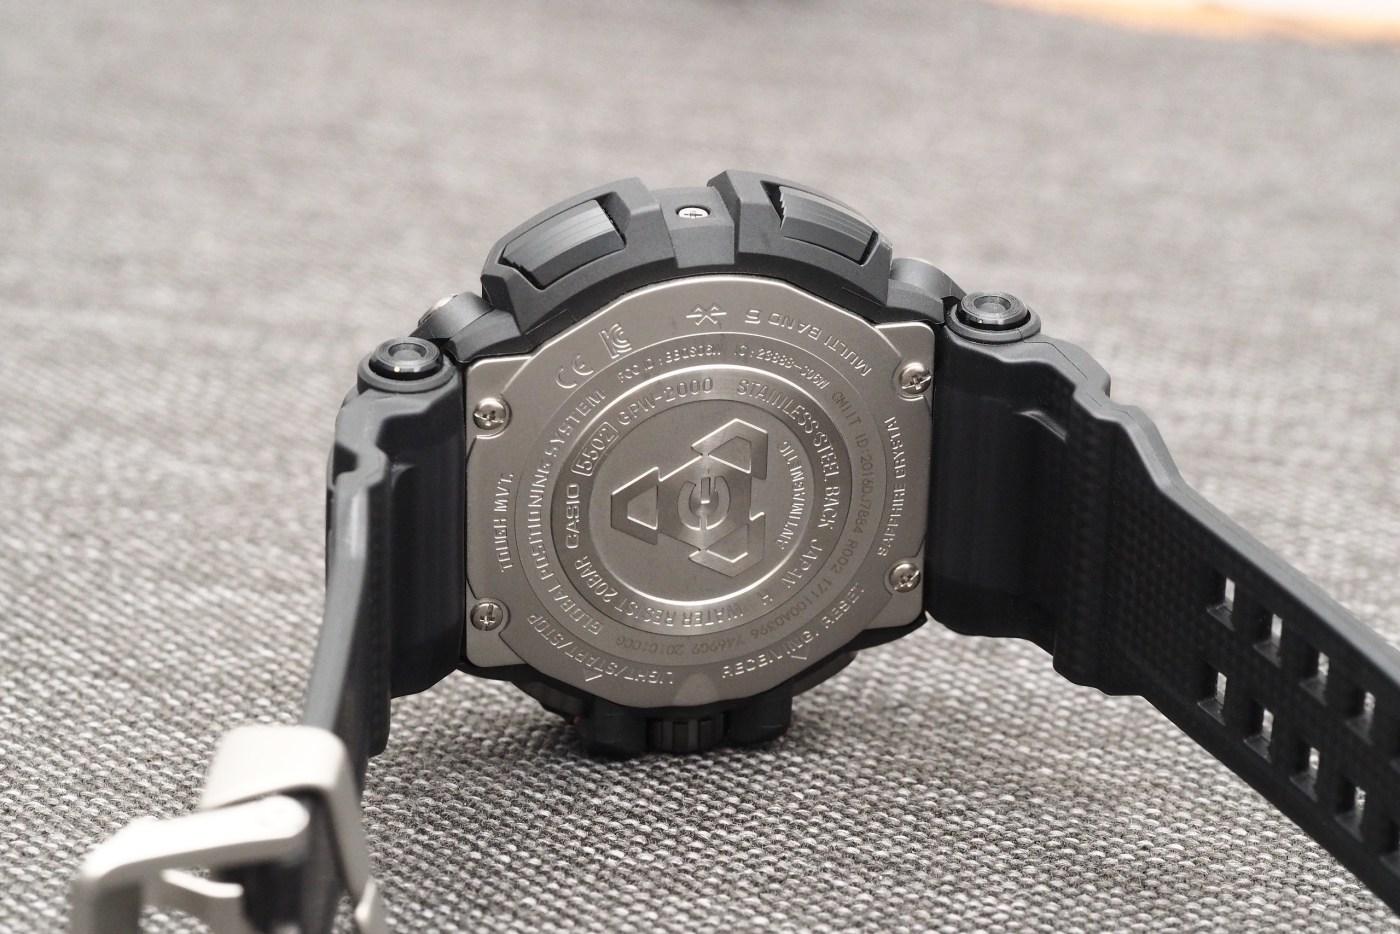 Casio G-Shock Gravitymaster GPW2000